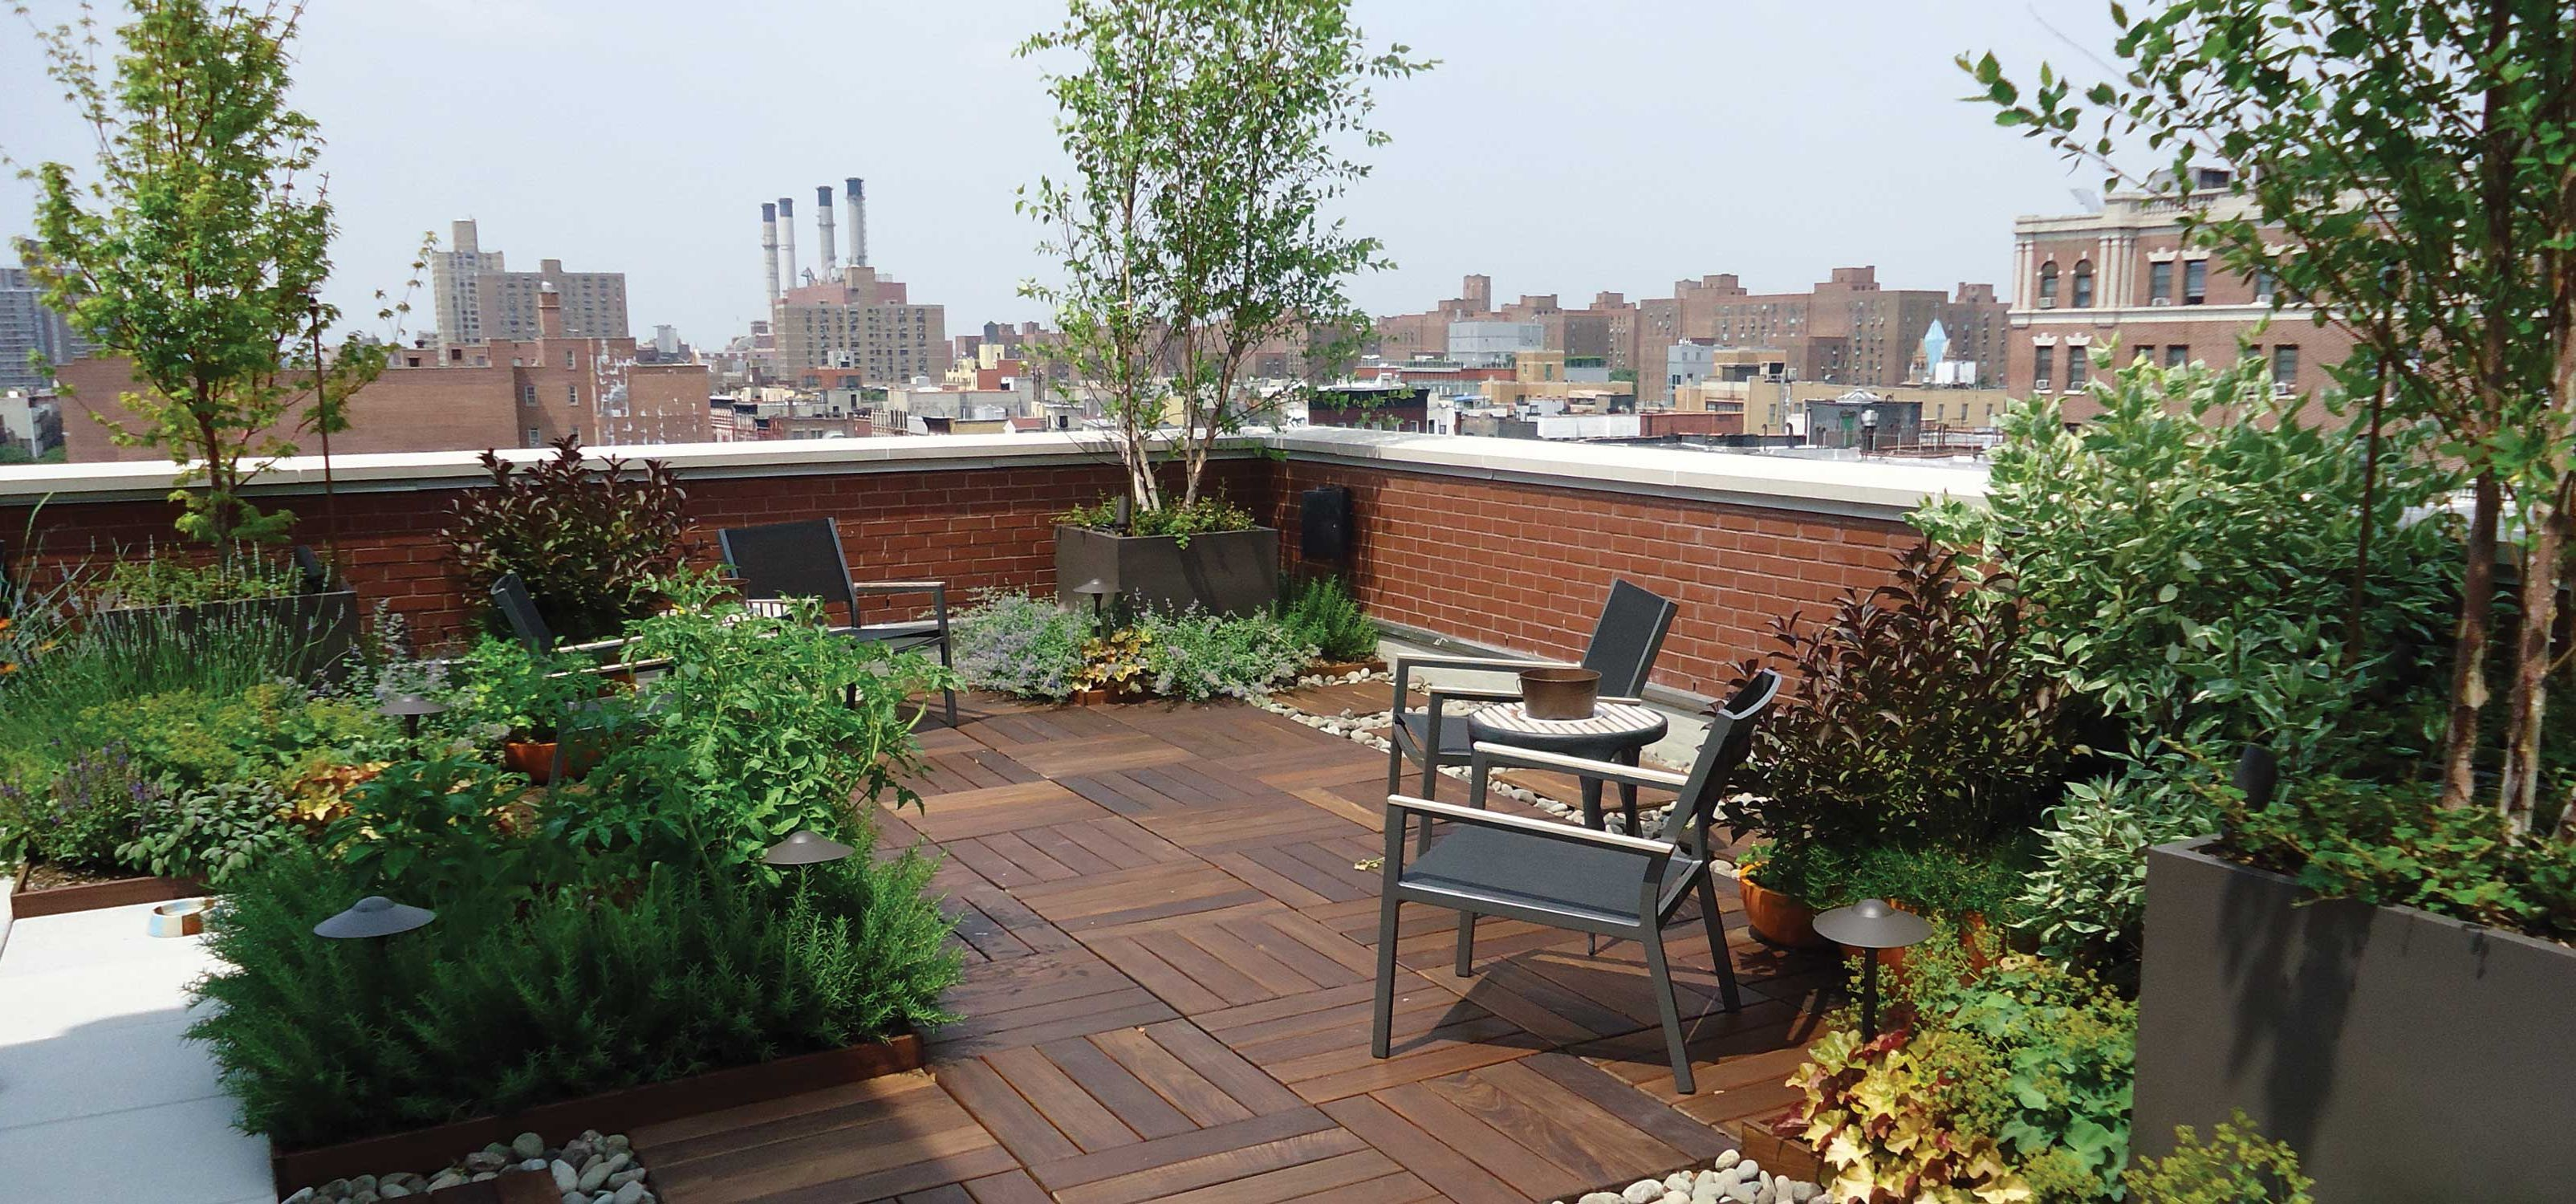 23a8ae8d64071ea081dce7c6c9675a6b Jpg 3210 1500 Roof Garden Design Outdoor Patio Decor Patio Garden Design